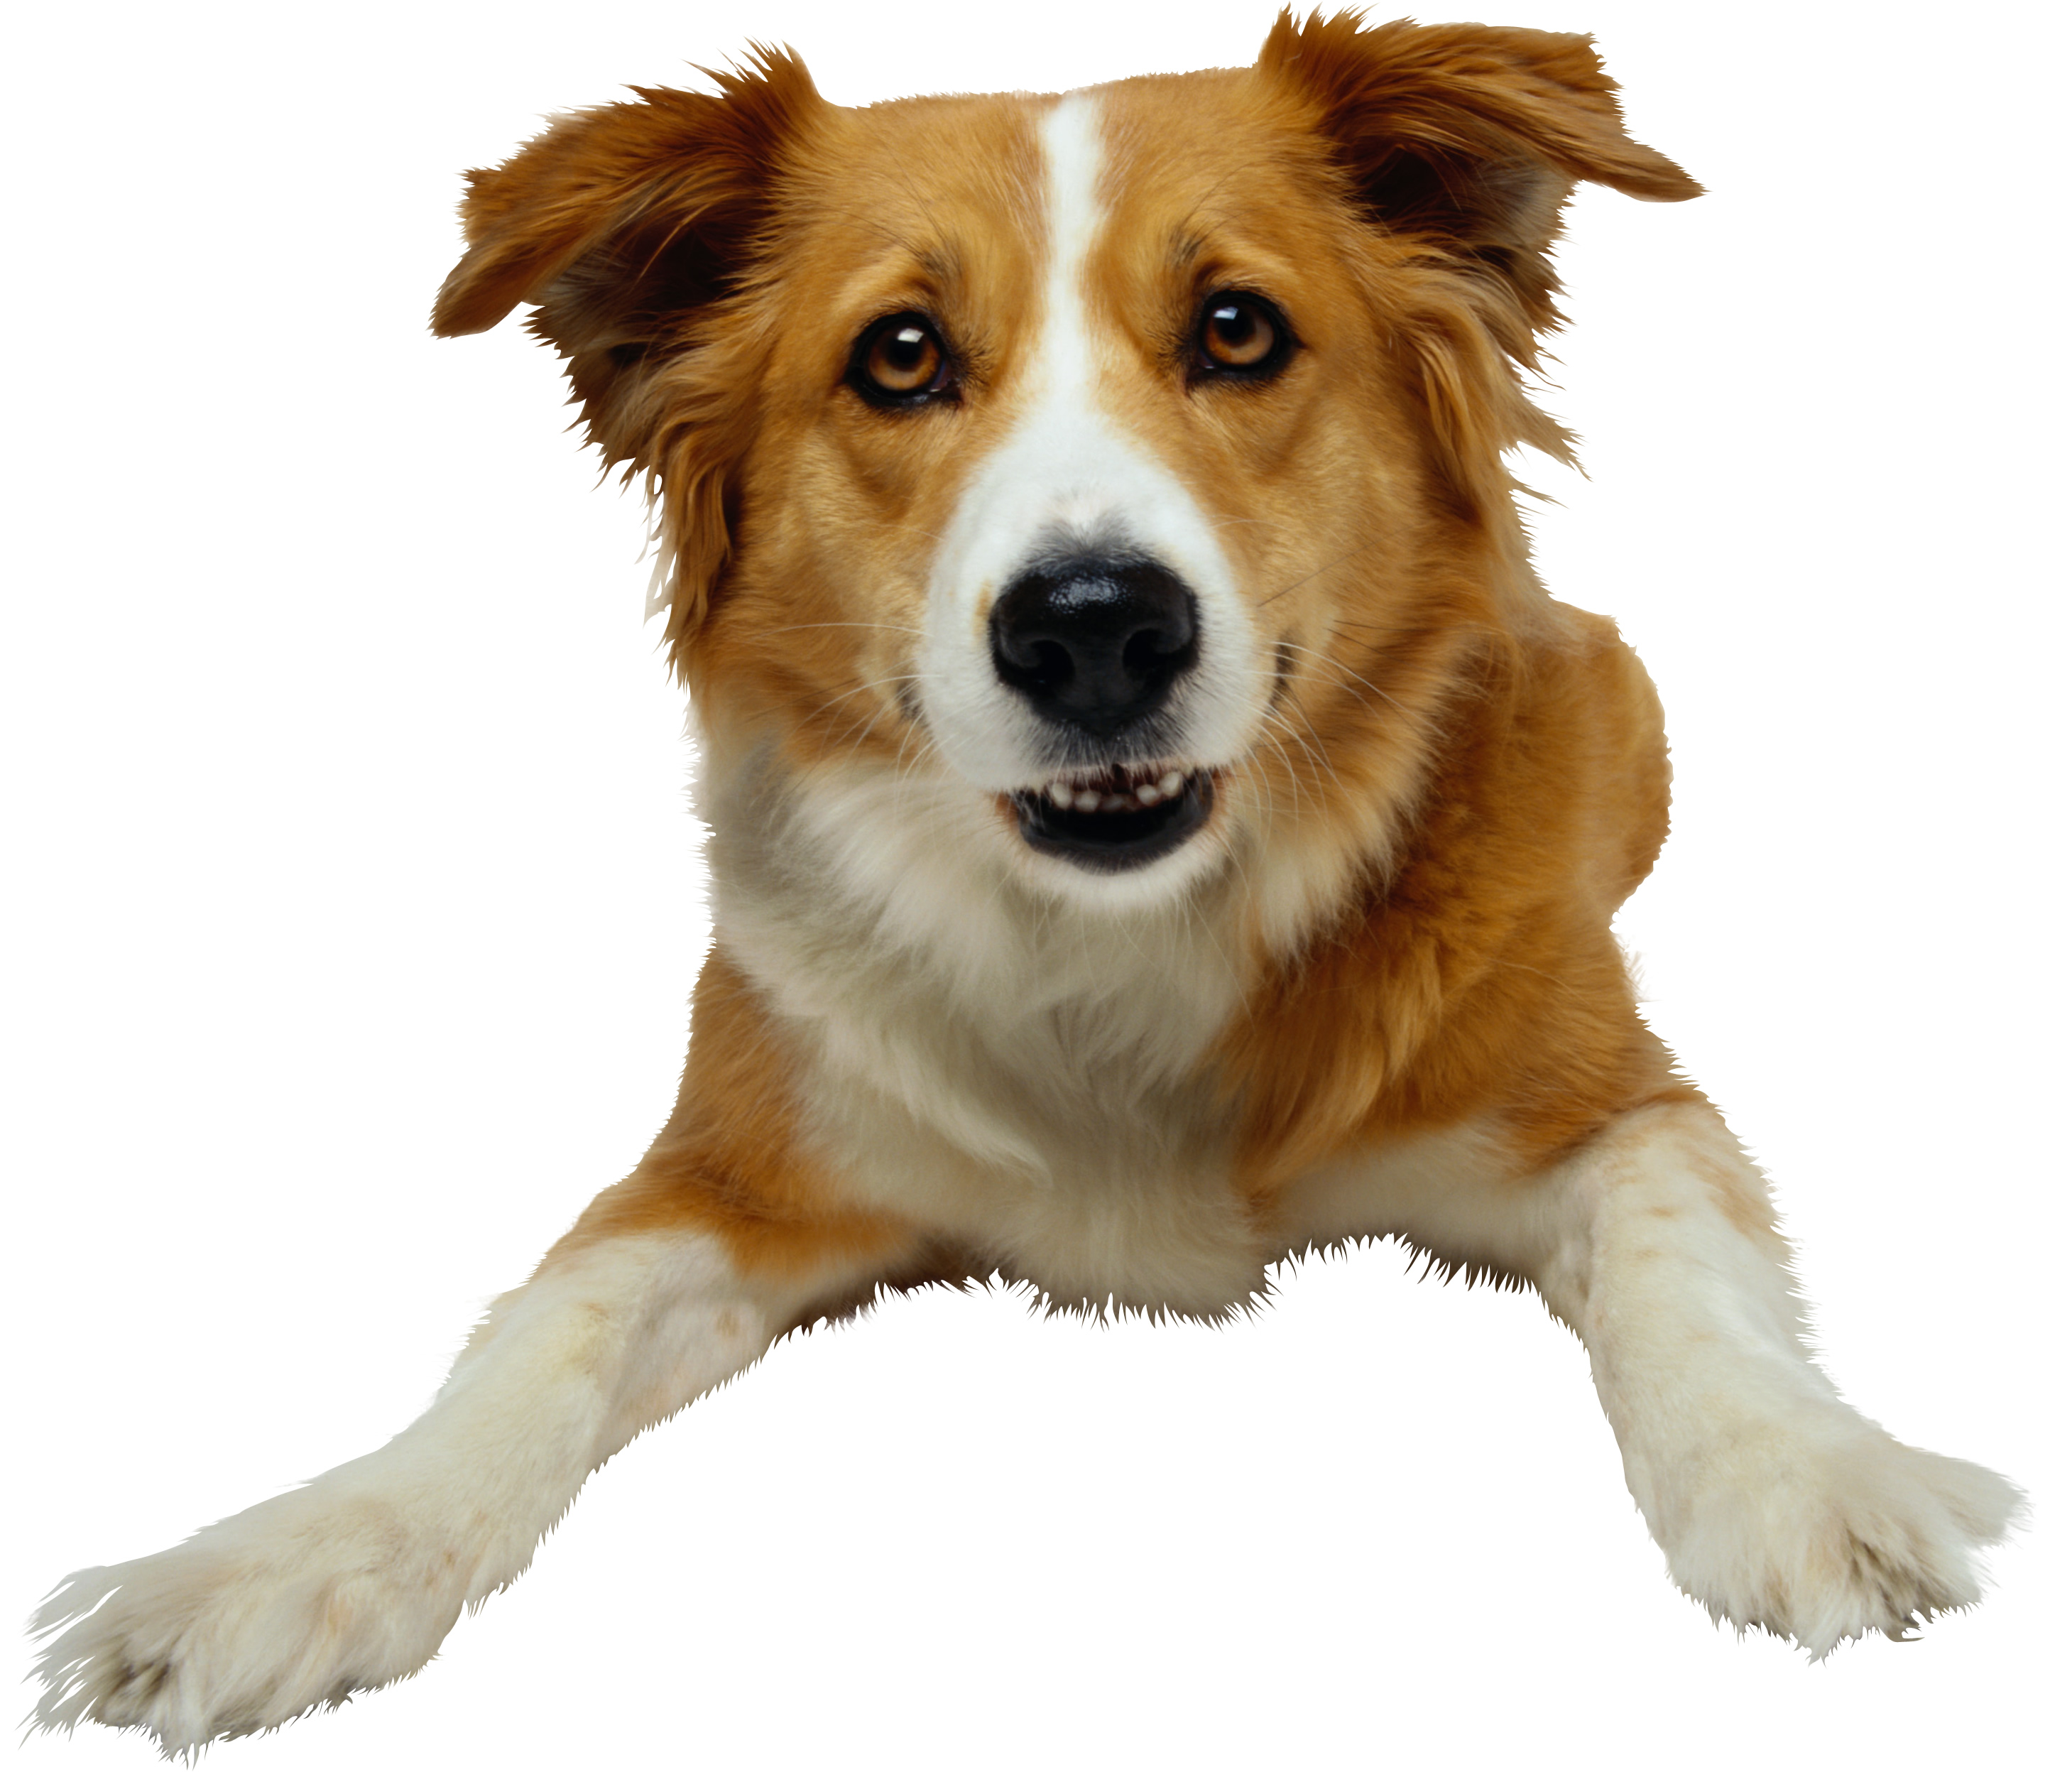 Собака, фото, обои для рабочего стола